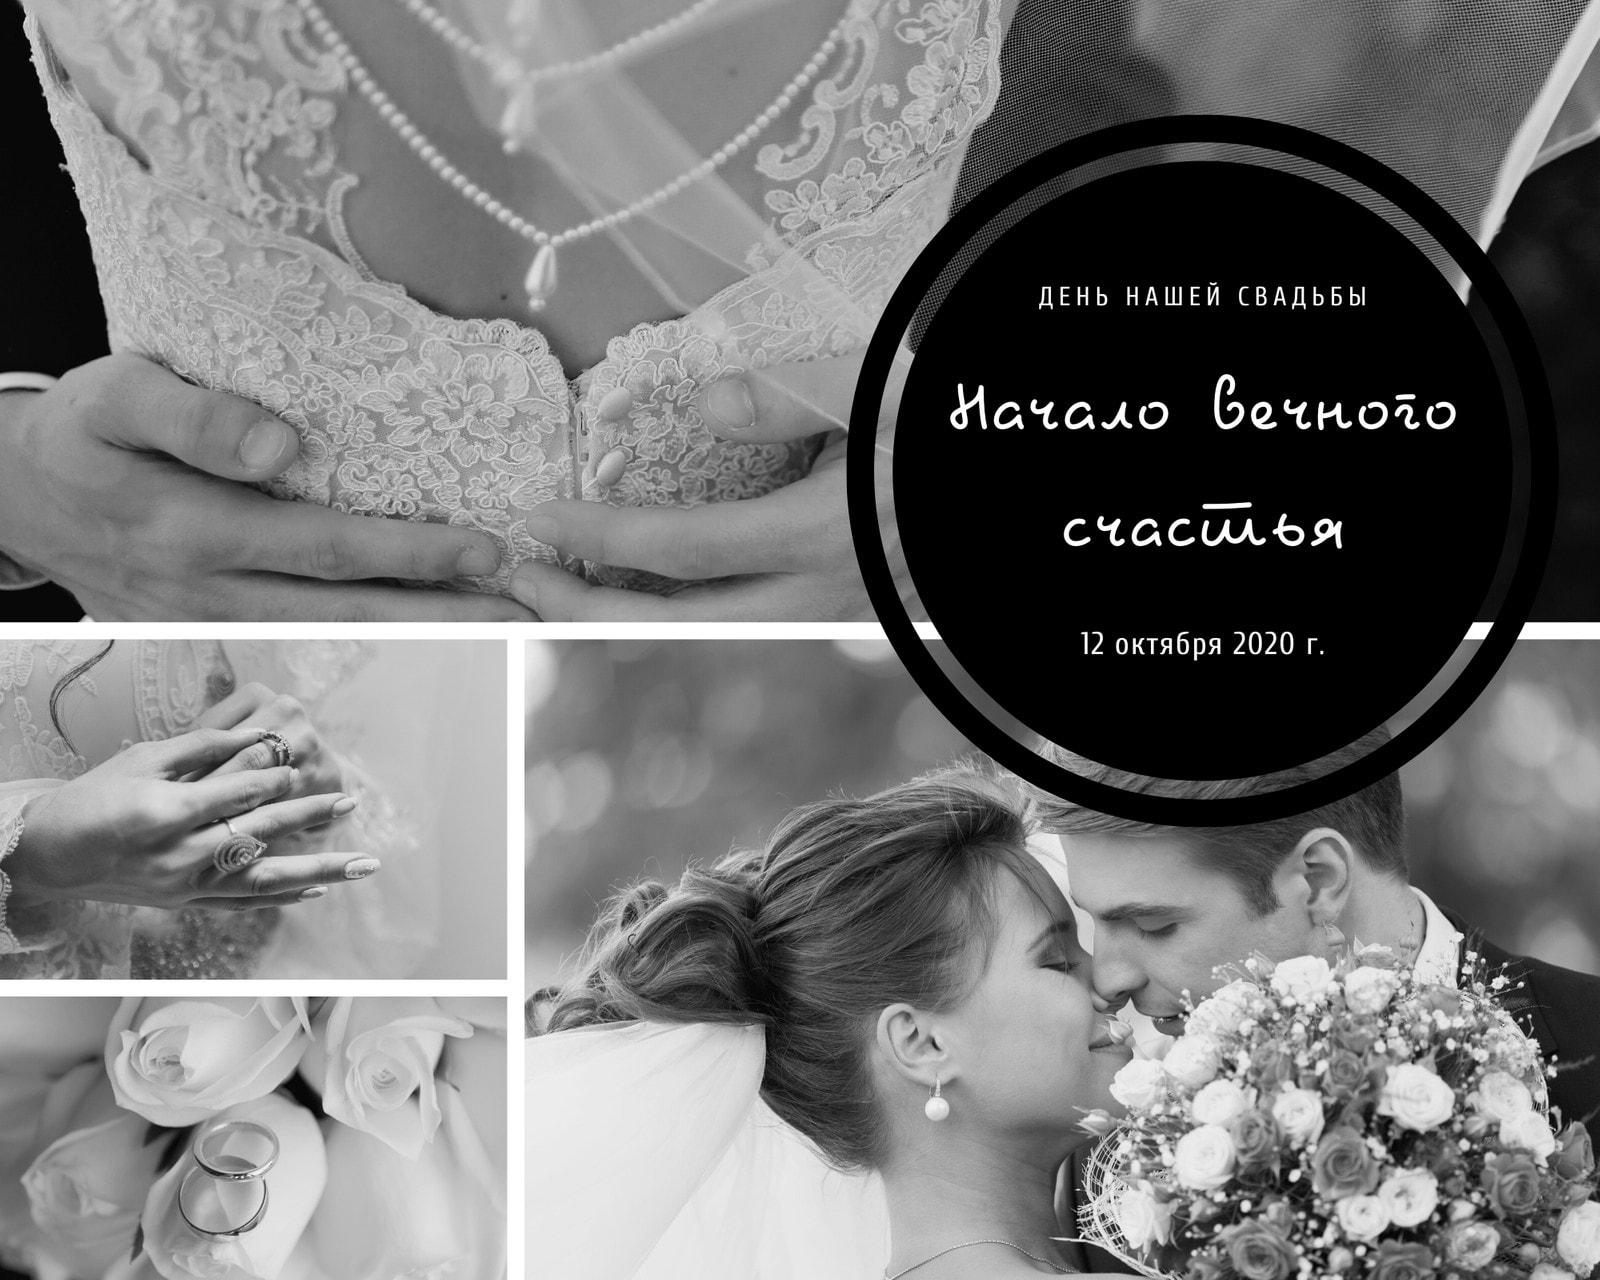 Черный и Белый Свадьба Фотография Коллаж